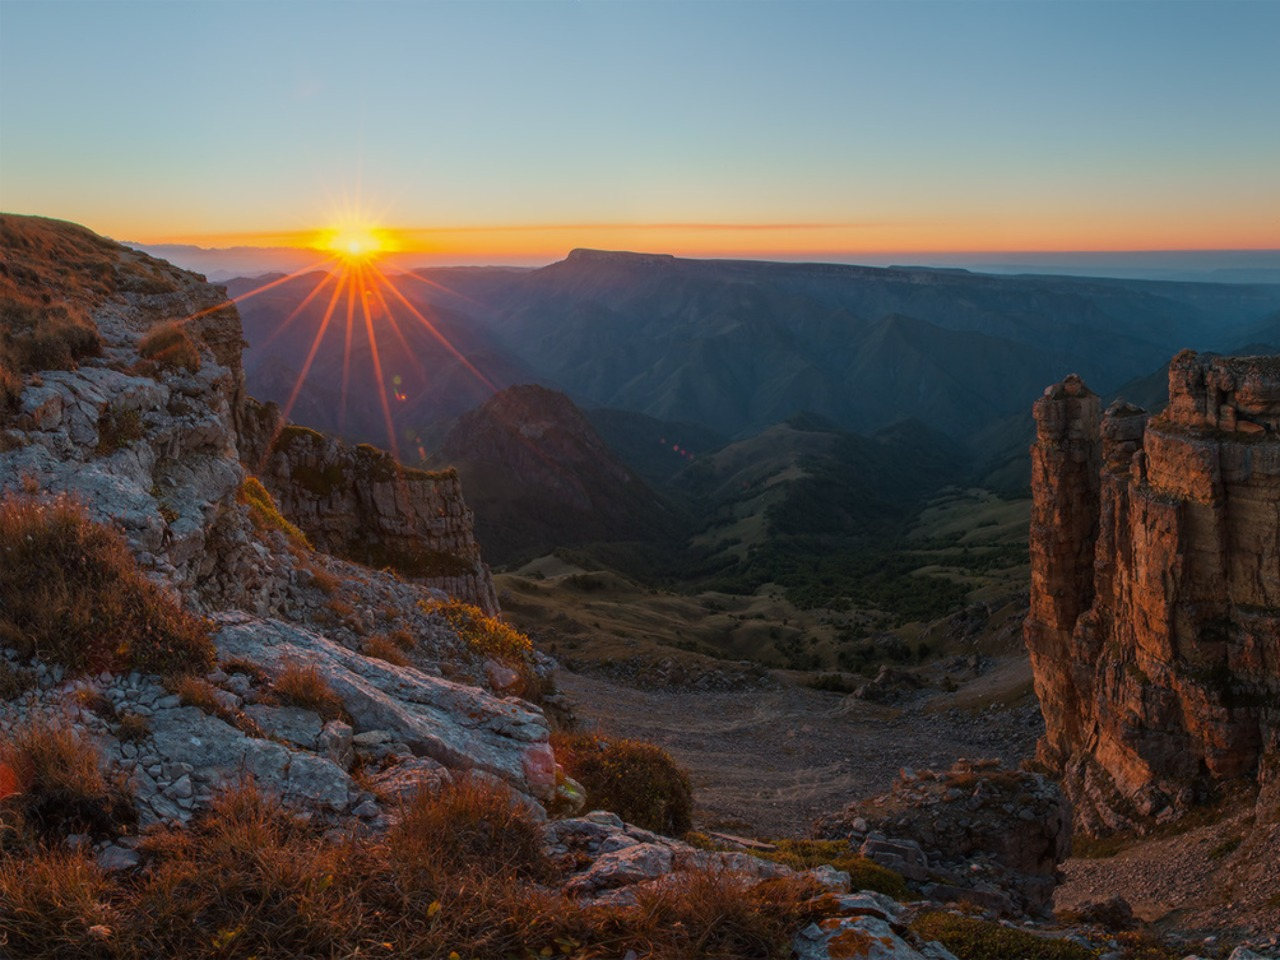 Сказочный рассвет на плато Бермамыт - индивидуальная экскурсия в Пятигорске от опытного гида